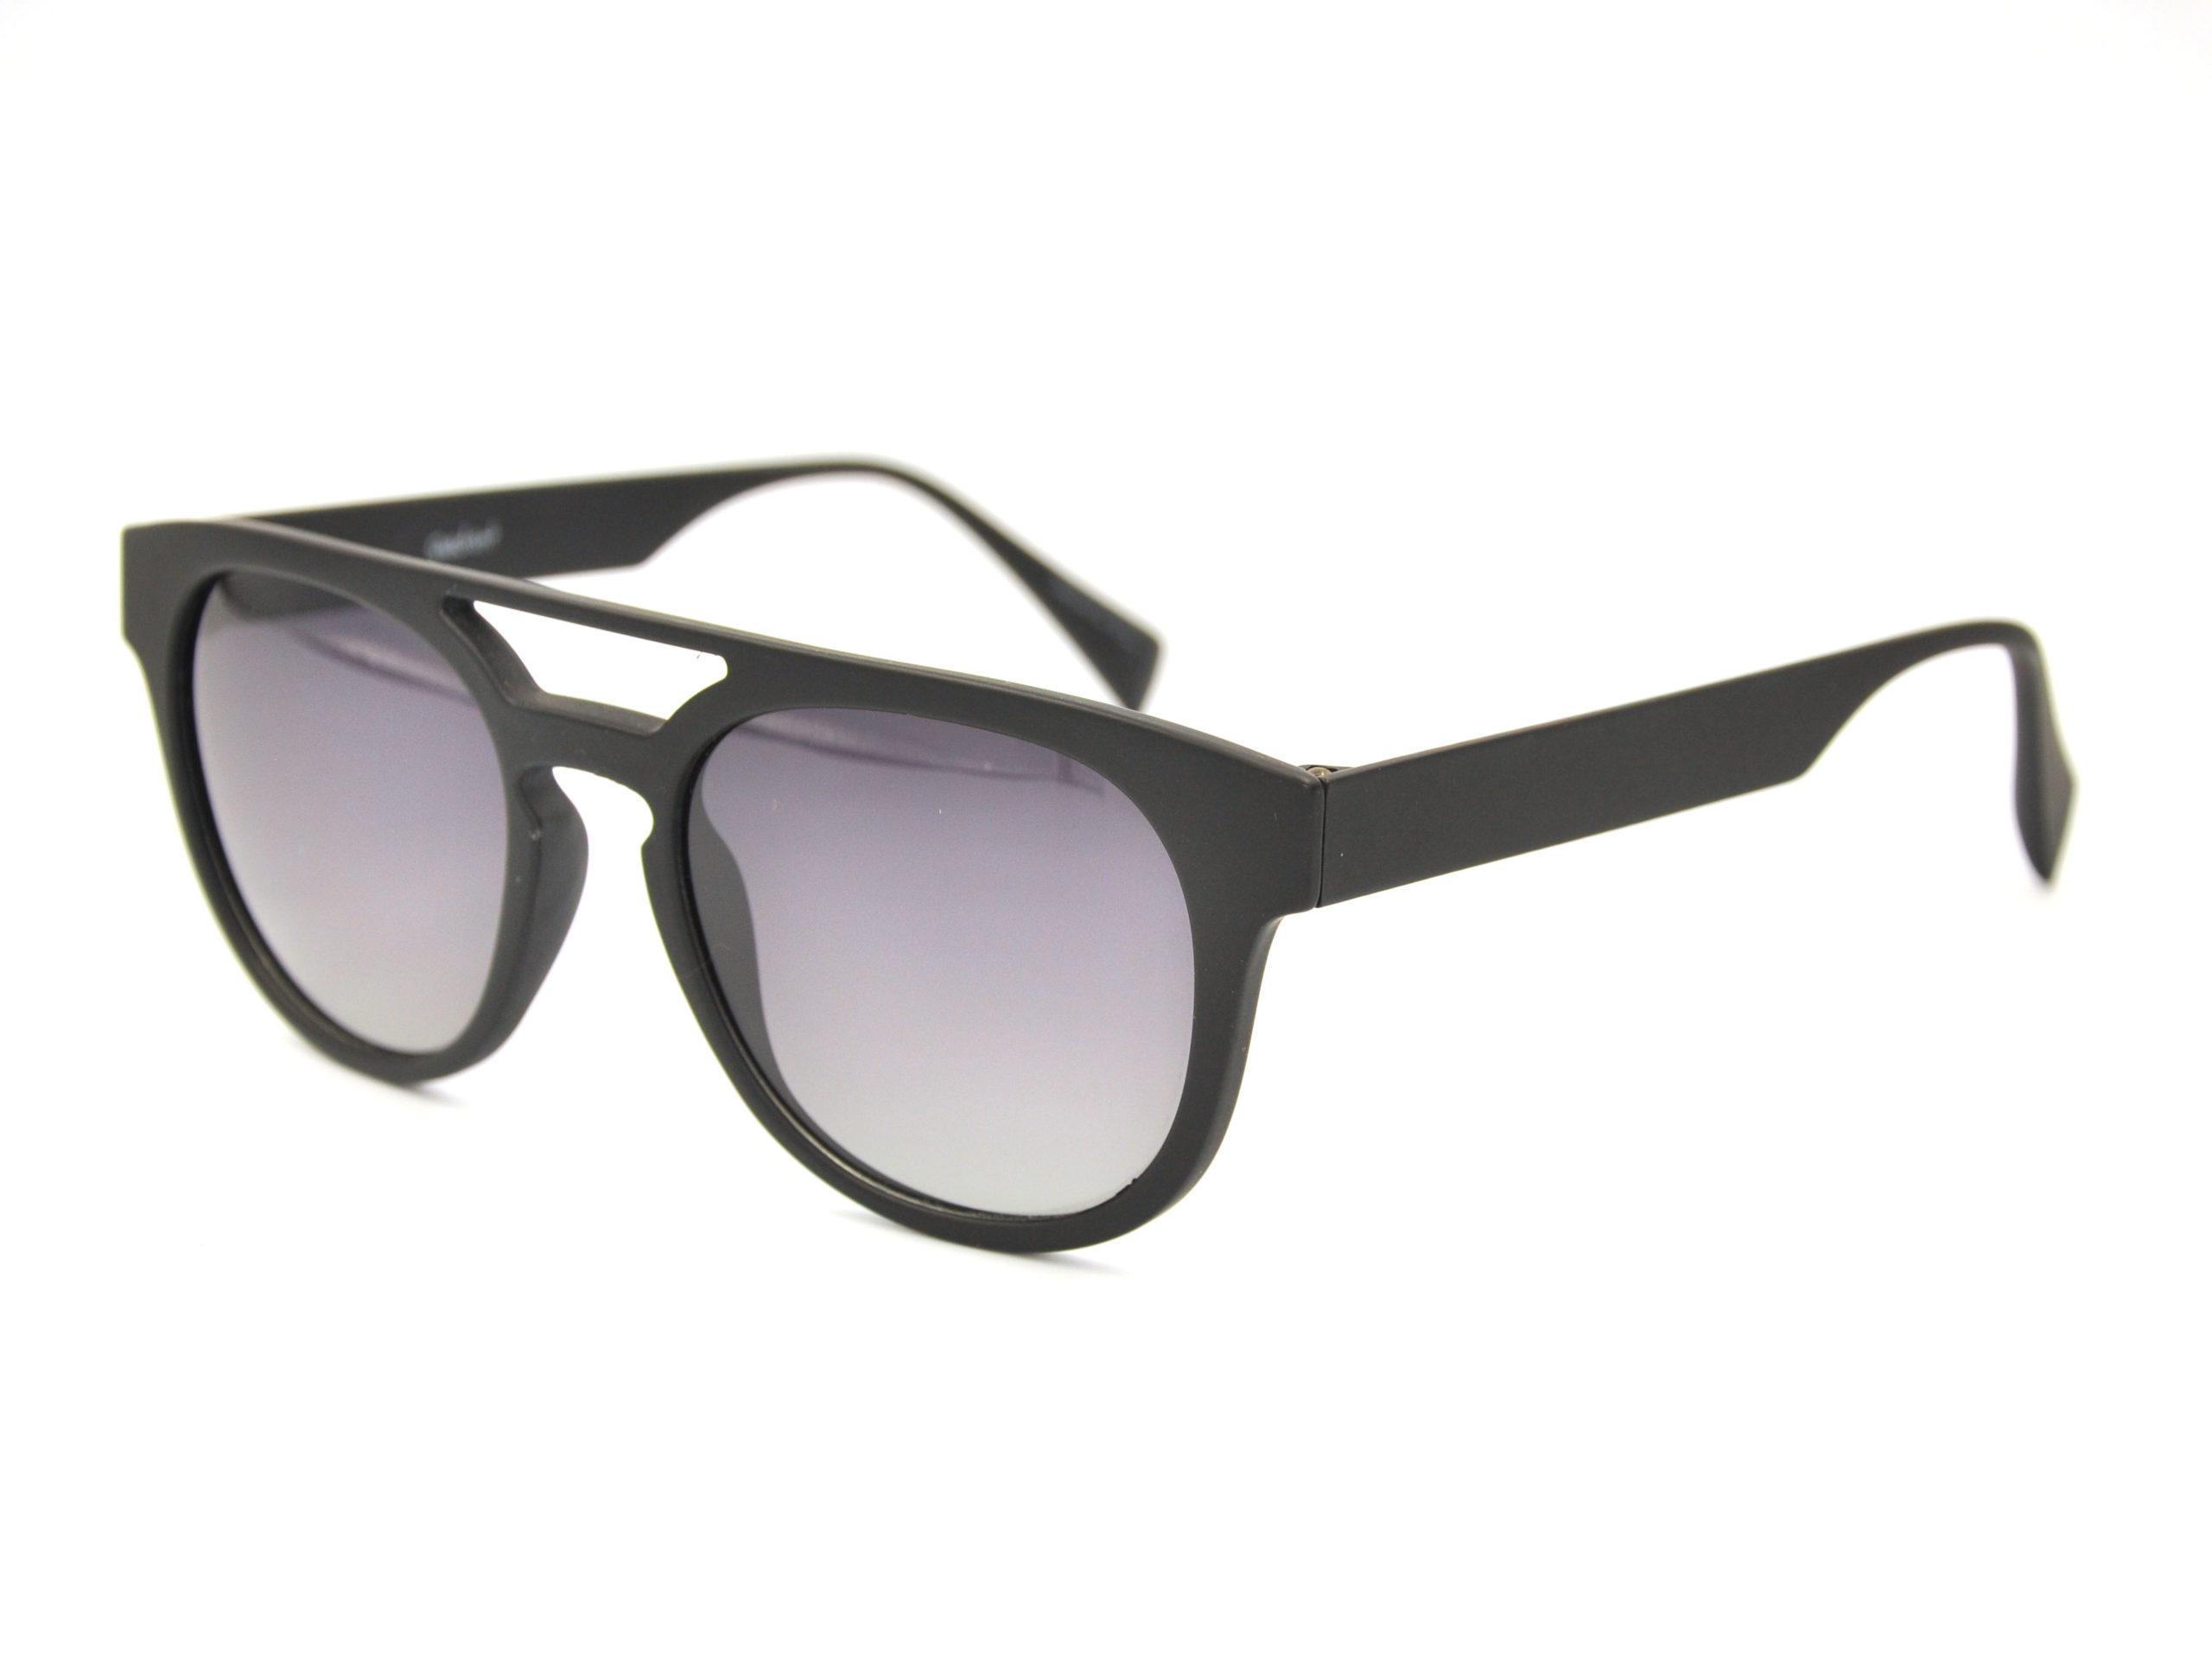 QUADRANT TR119 C01 UNISEX Sunglasses 2020